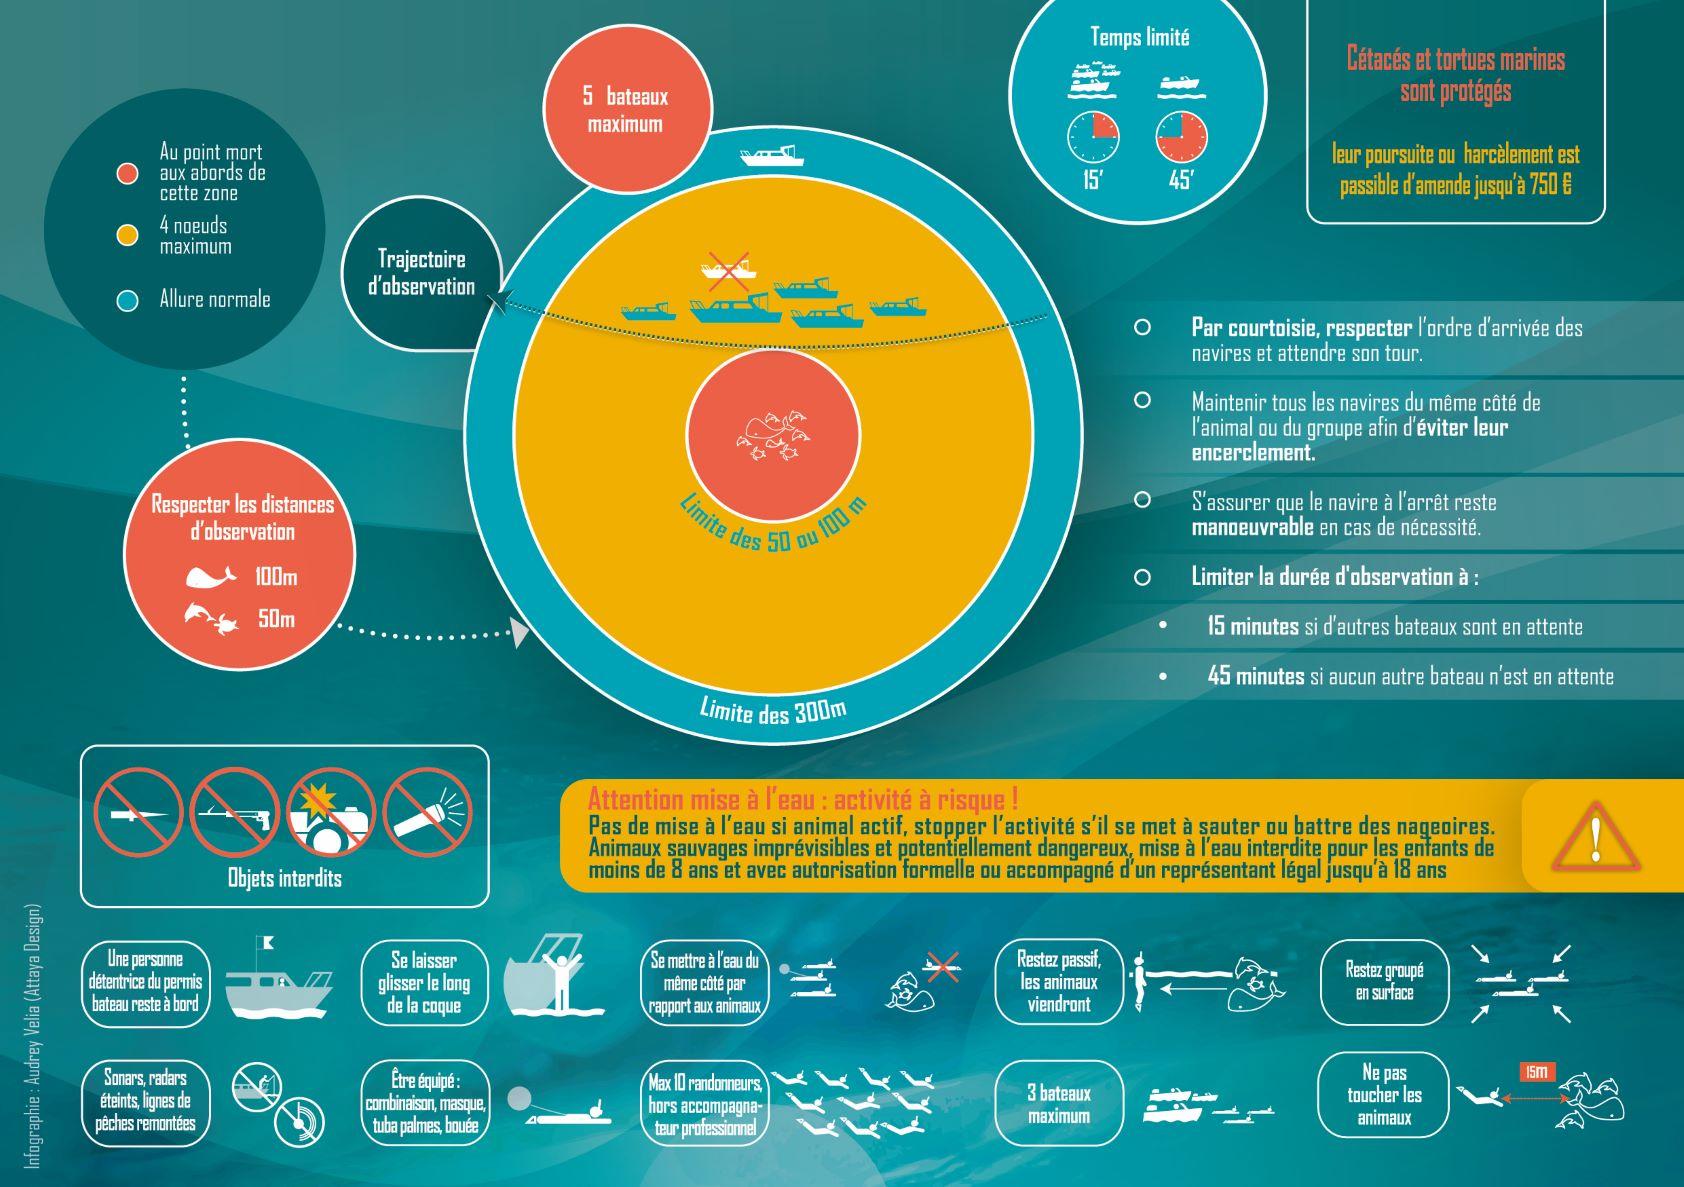 carte approche baleine 2020 La Réunion